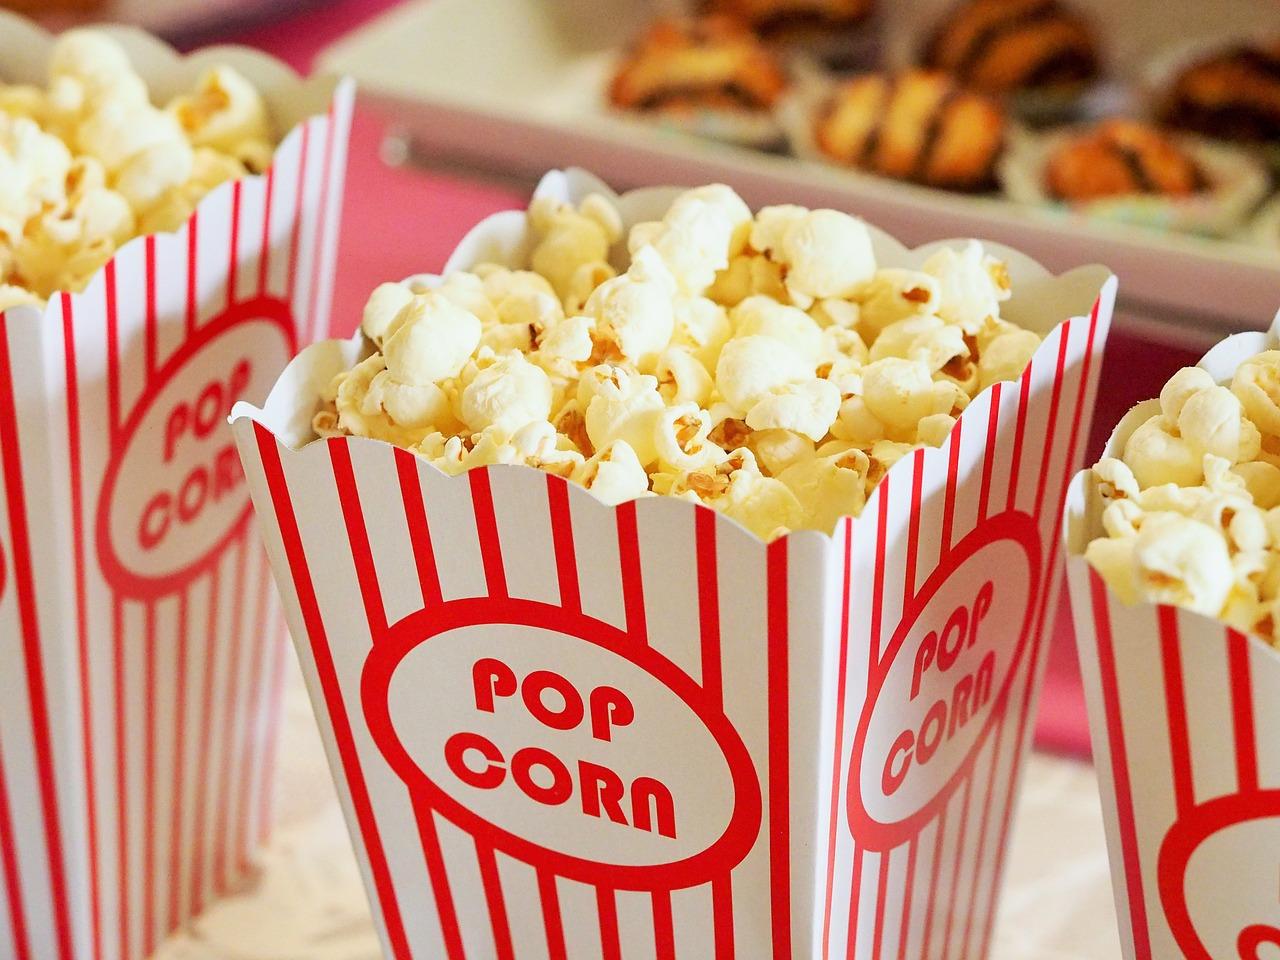 Mangiare Popcorn fa male E se ti dicessi che ti fa dimagrire